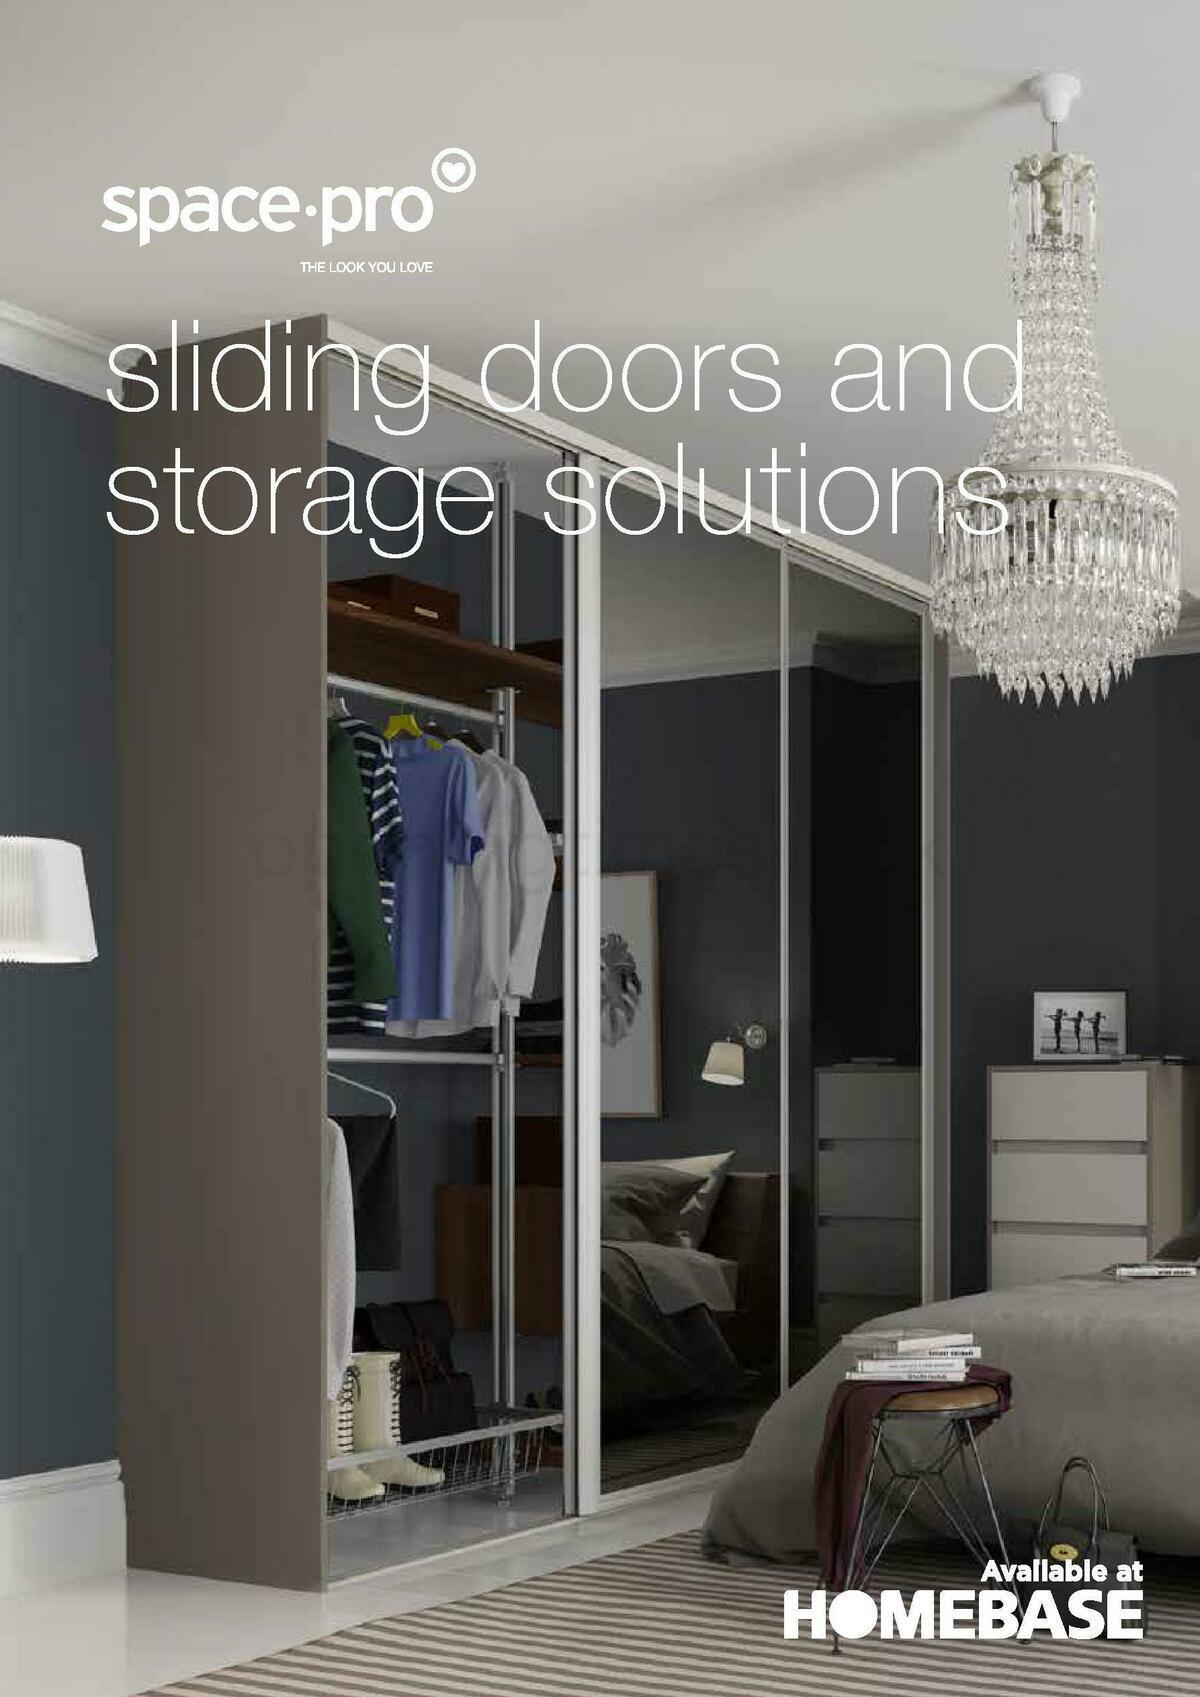 Homebase Sliding Doors Brochure Offers from August 1